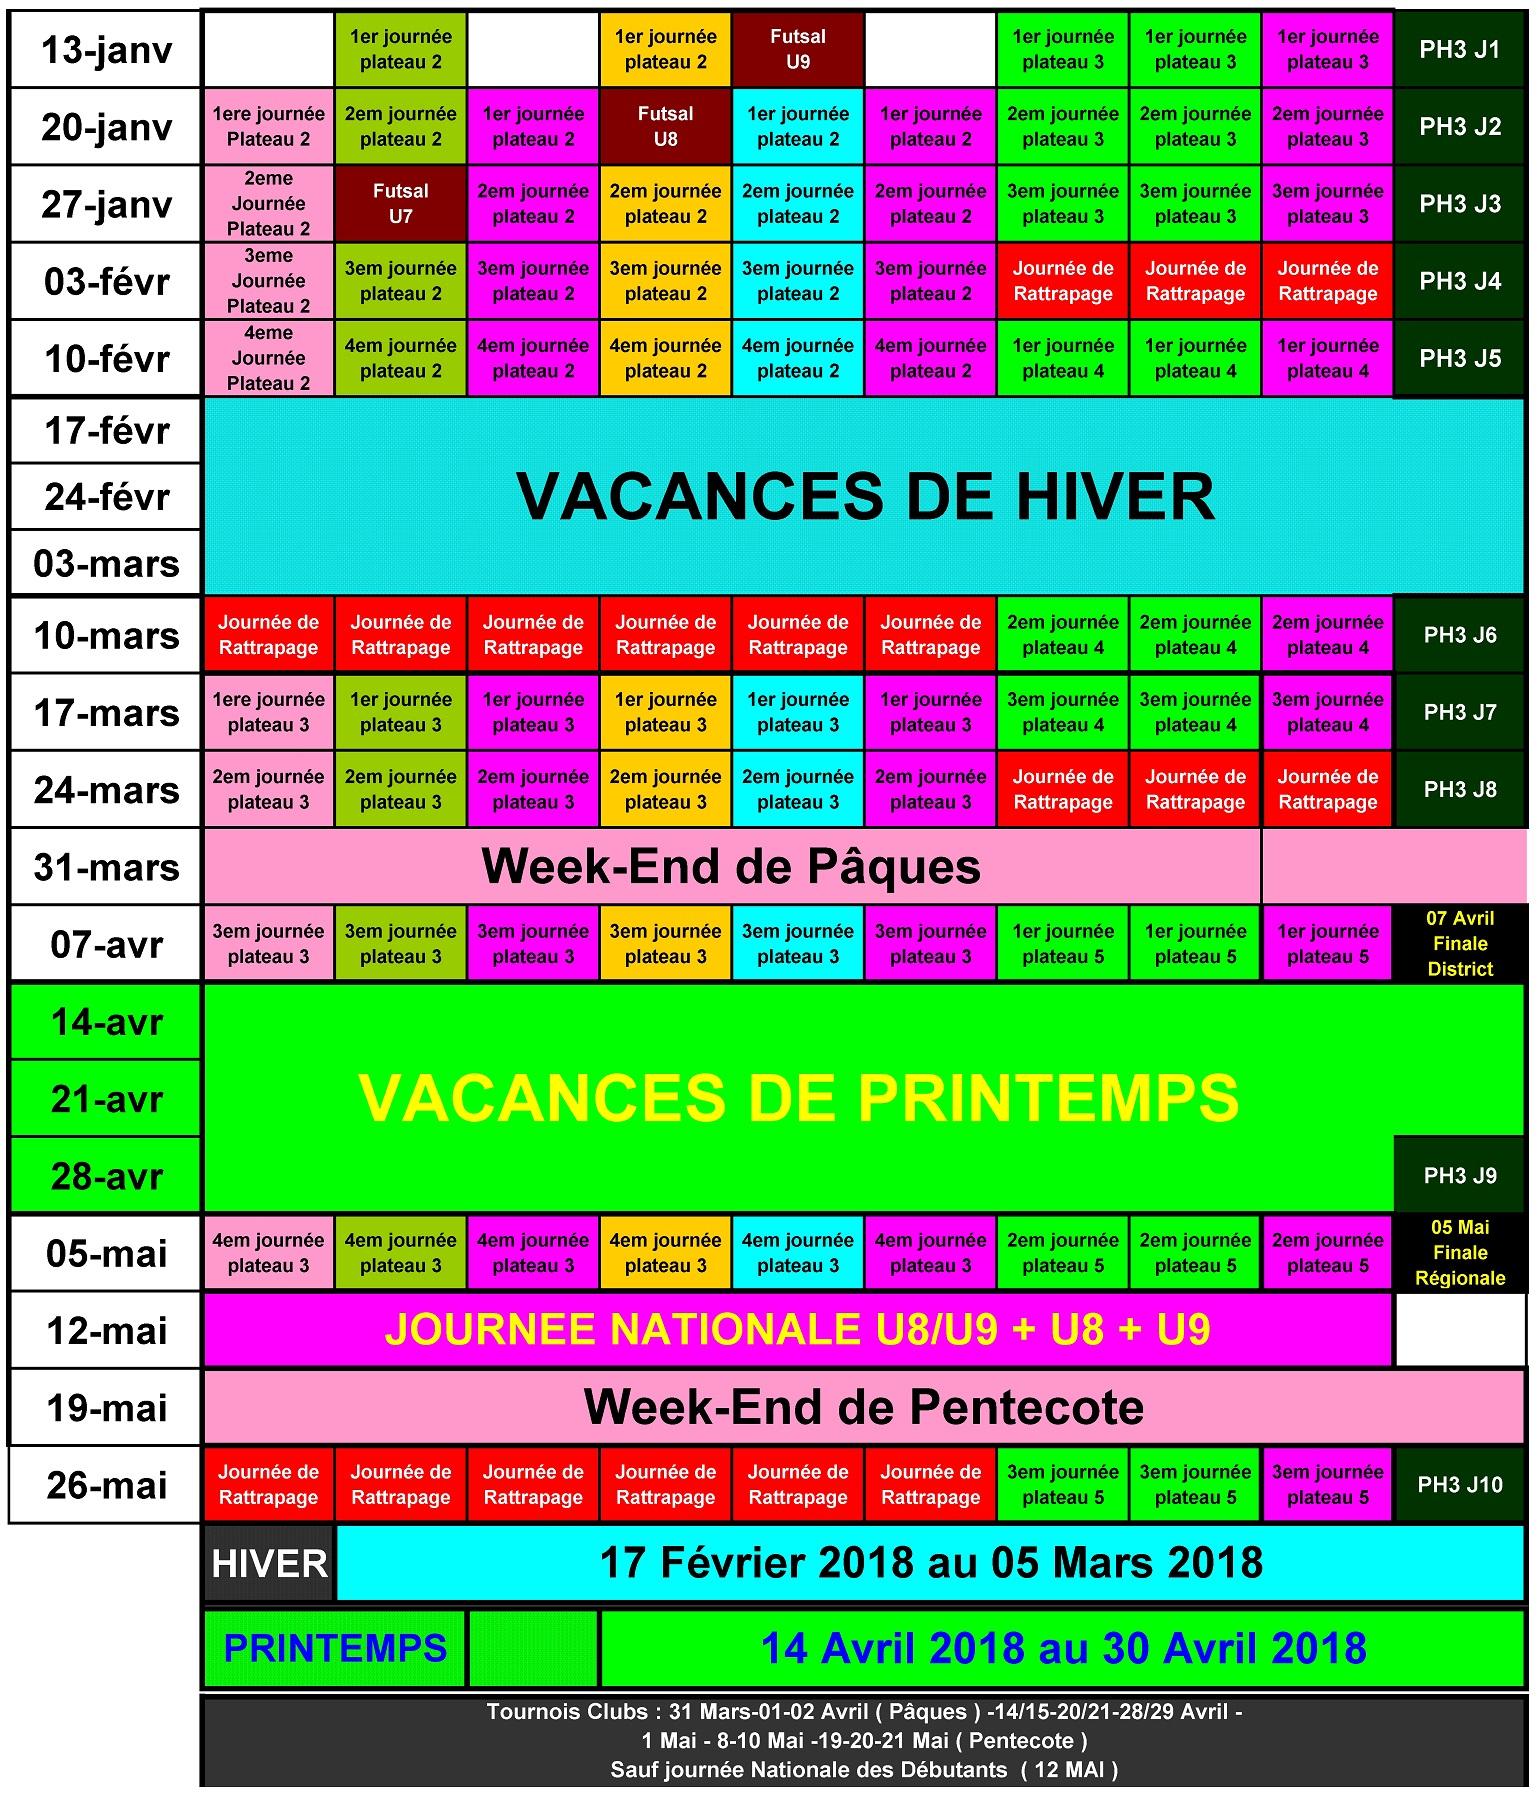 Actualité - Planning Annuel 2017/2018 Des Jeunes - Club à Planning Annuel 2018